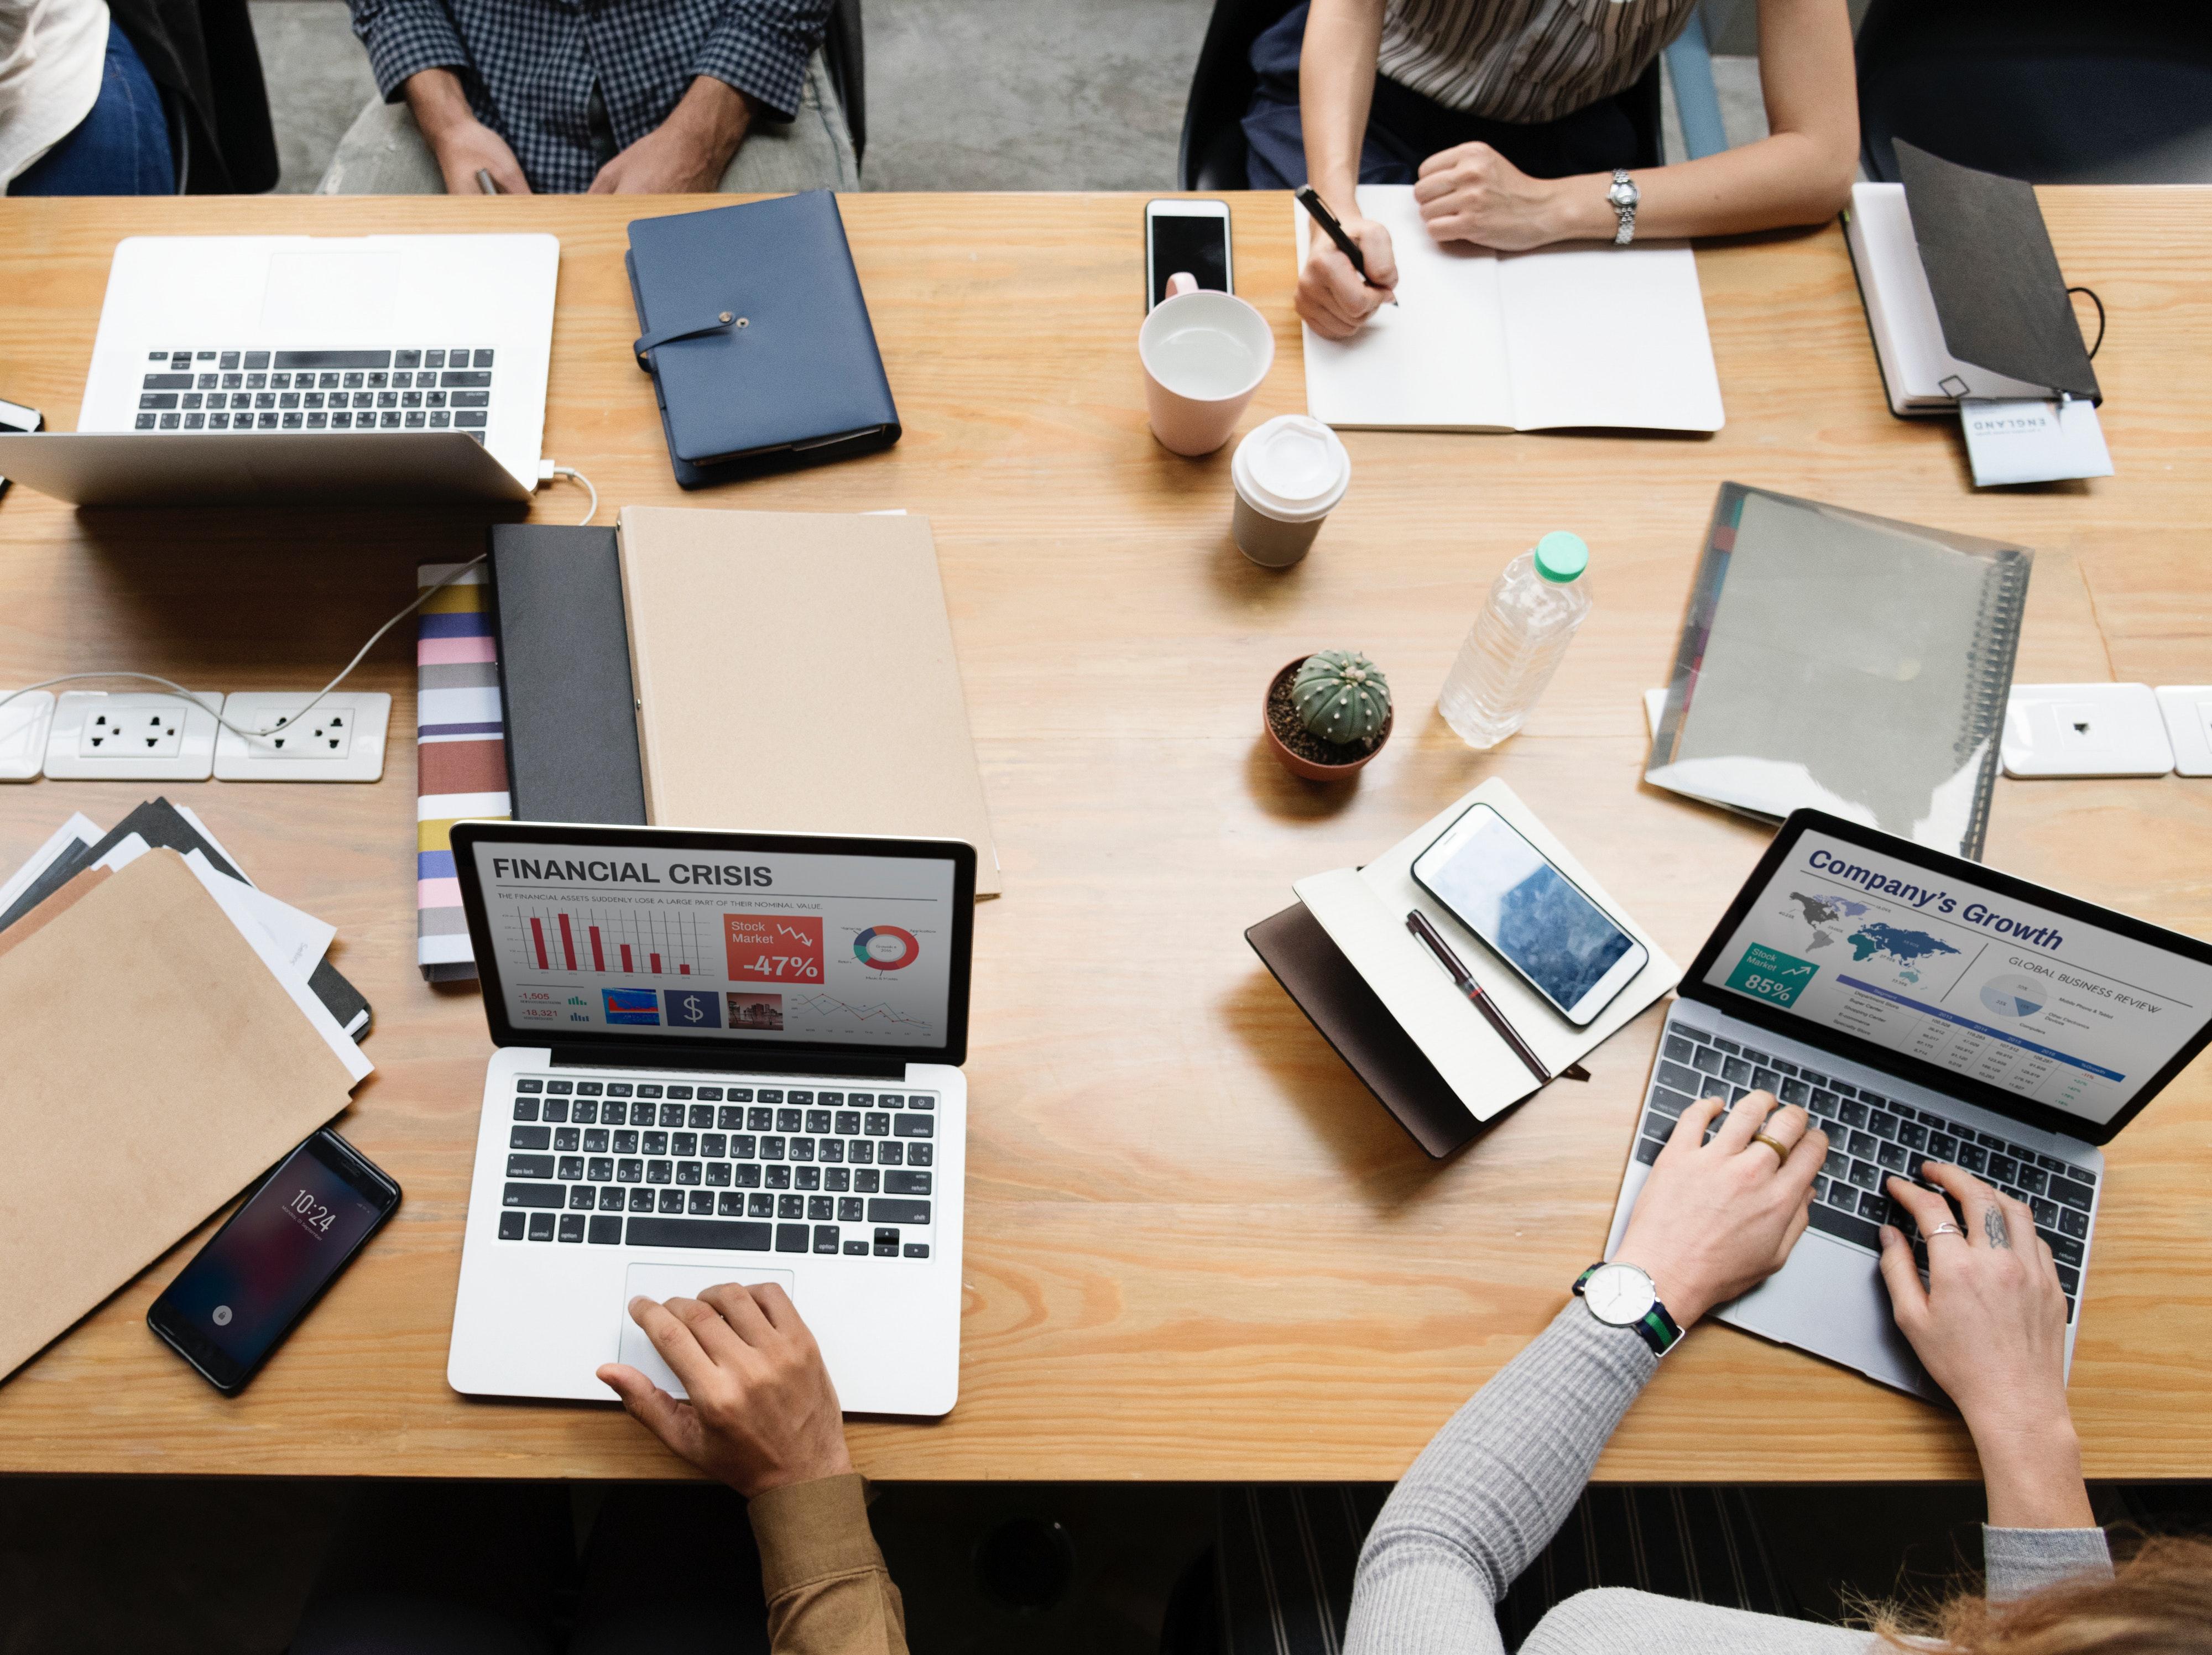 Pessoas discutindo em uma mesa com computadores